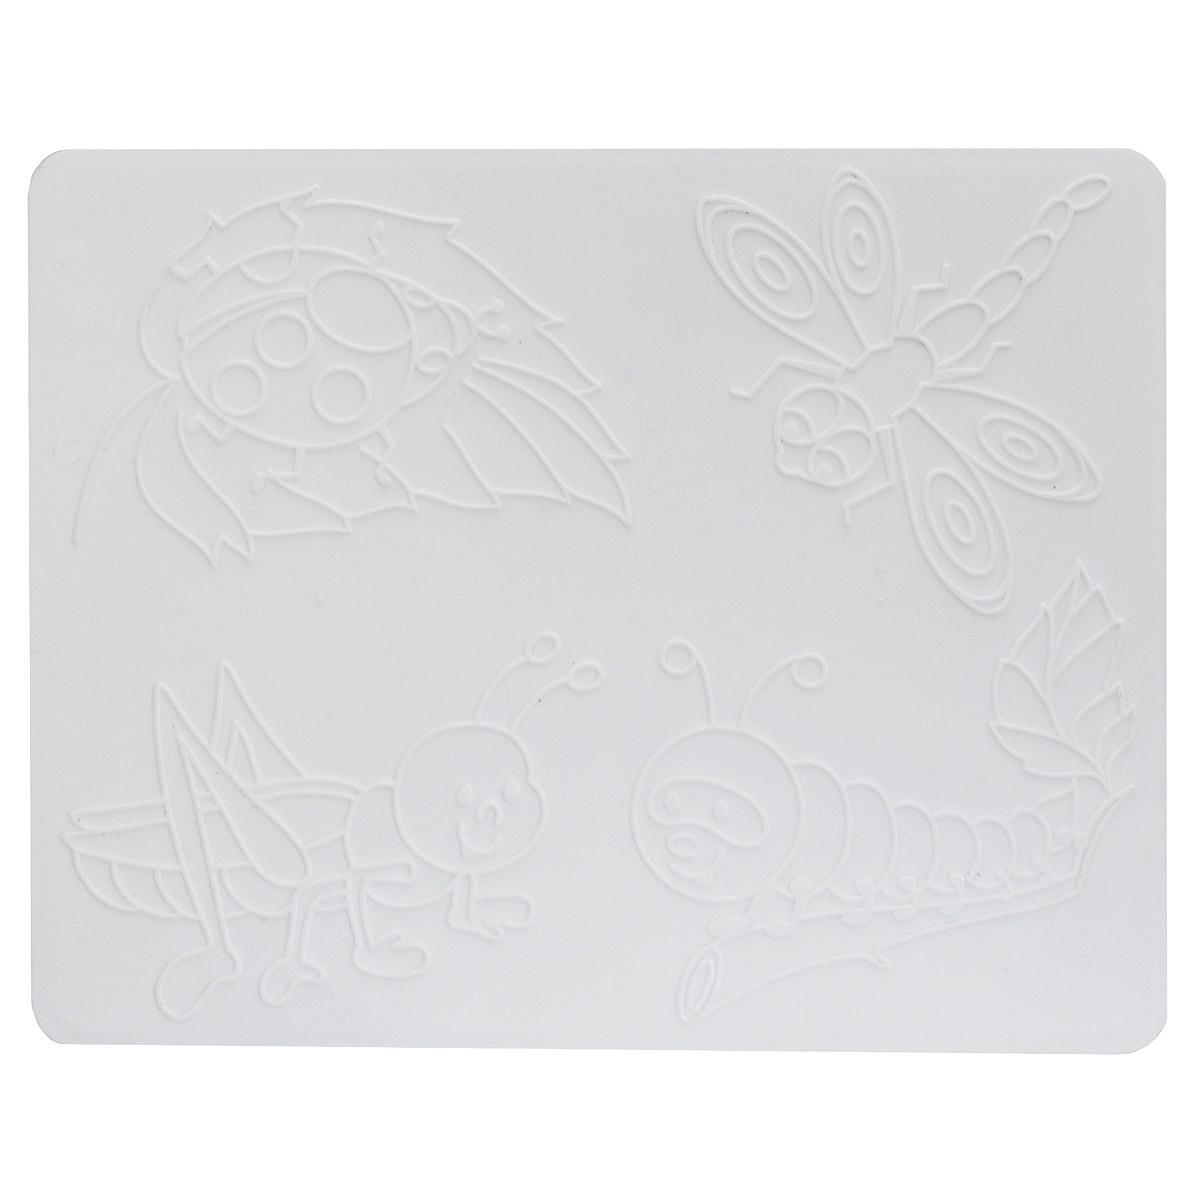 Доска для лепки Луч72523WDДоска для лепки Луч - многофункциональный атрибут творческой деятельности. Благодаря универсальности материала, доску можно использовать как для защиты стола во время творчества ребенка, например, во время лепки, так и элемент для создания аппликации. Для этого рельефные рисунки переводятся на бумагу, а затем, с помощью пластилина, создается картинка. Доска изготовлена из мягкого пластика и легко отмывается от загрязнений. Доска для лепки Луч поможет ребенку развить творческие способности, воображение и мелкую моторику рук.